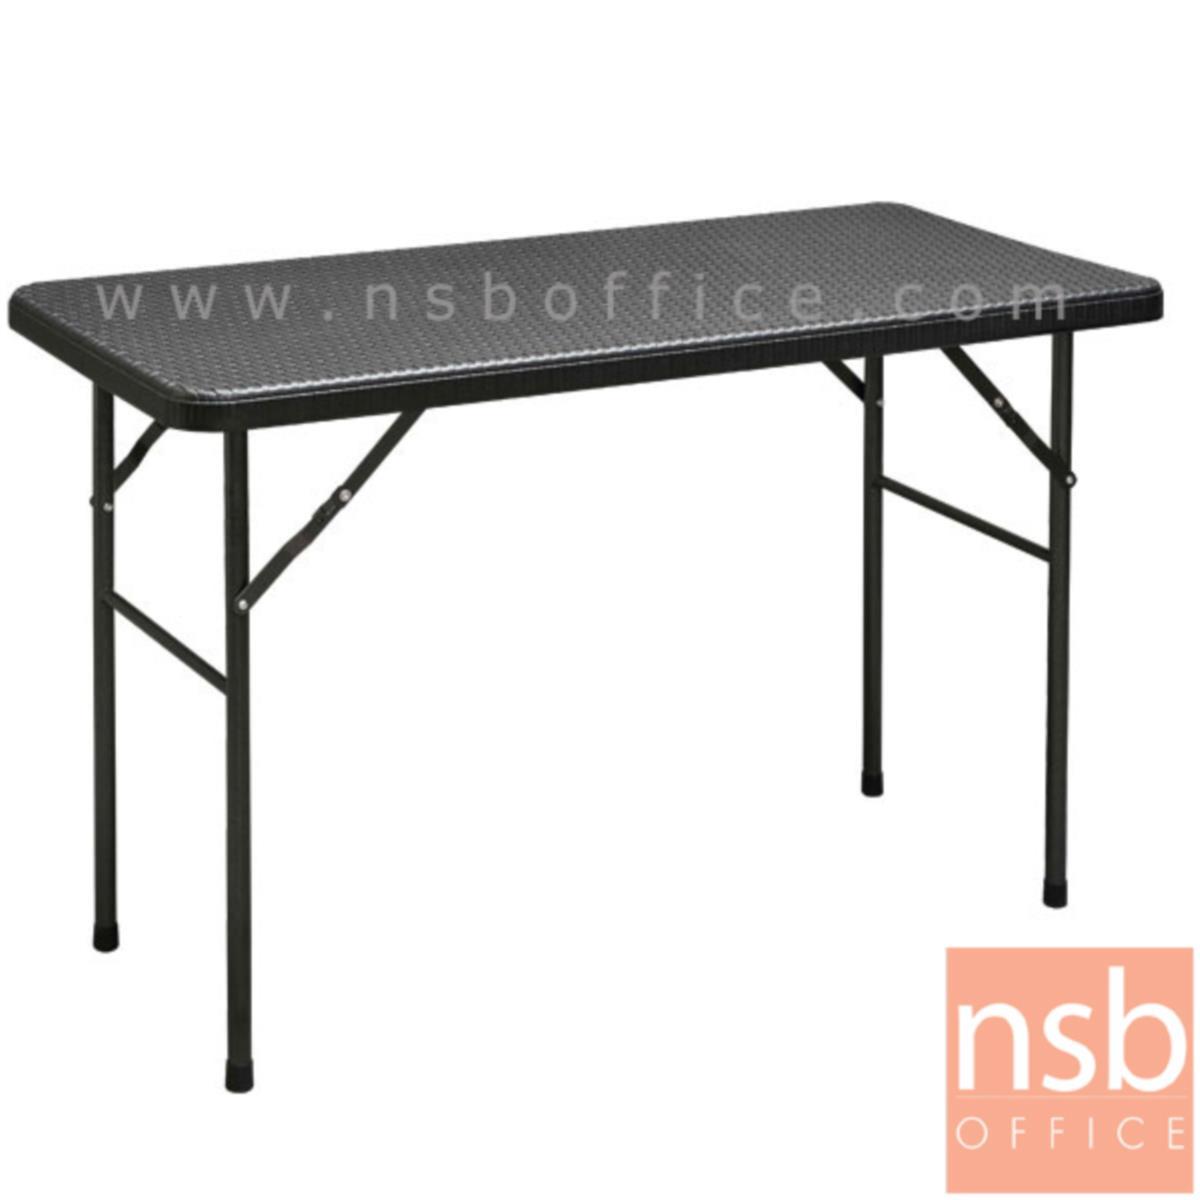 G11A166:โต๊ะพับหน้าหวายสาน รุ่น Dalsy (ดอลซี่) ขนาด 122W cm.  ขาเหล็กสีดำเกล็ดเงิน